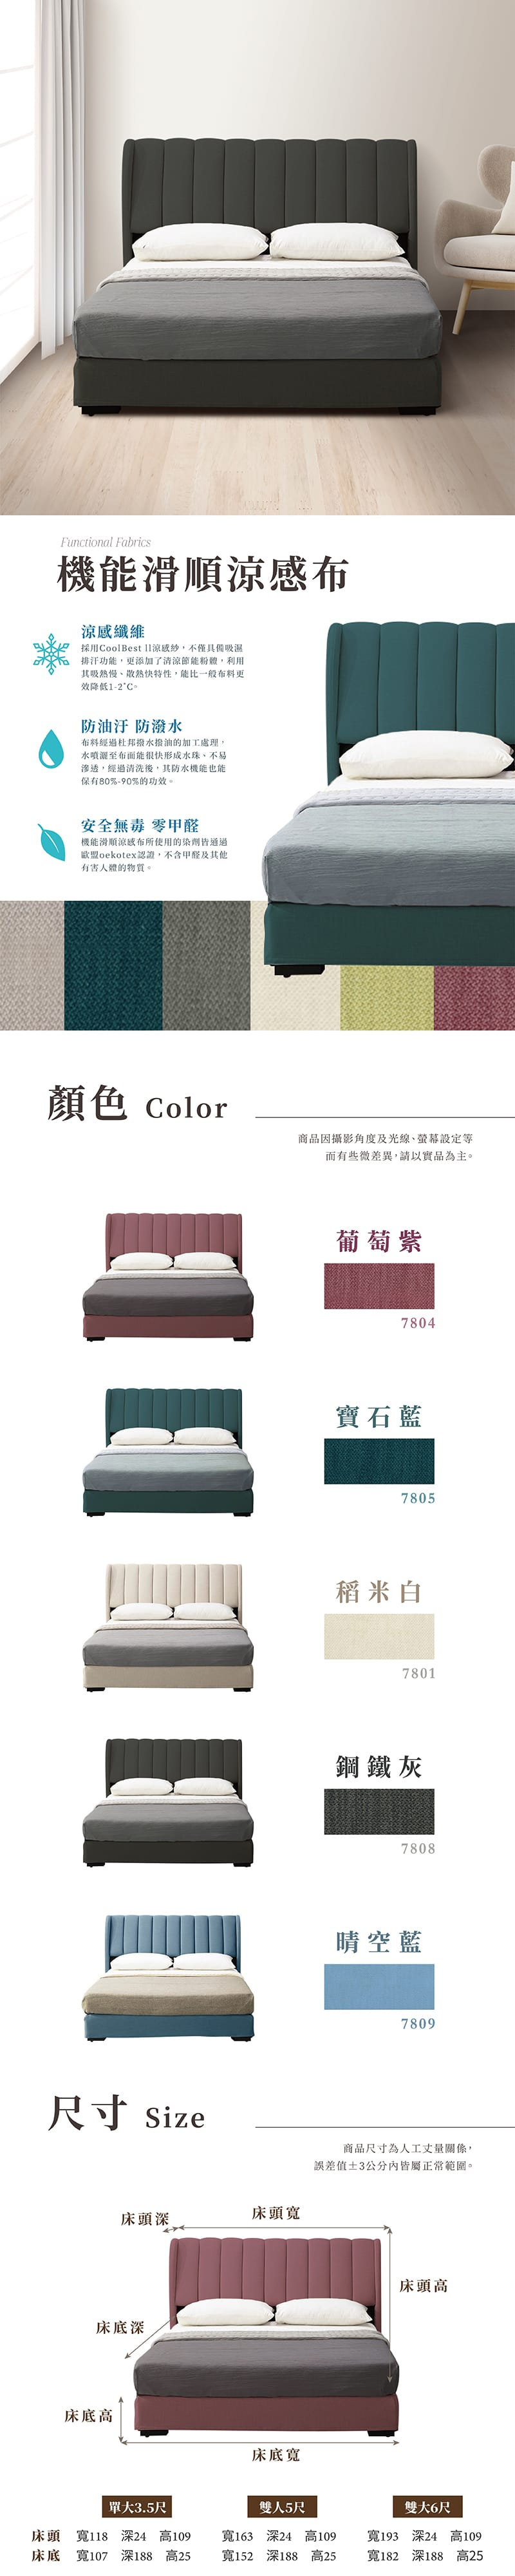 若拉 涼感紗床組兩件 雙人5尺(床頭片+床底)